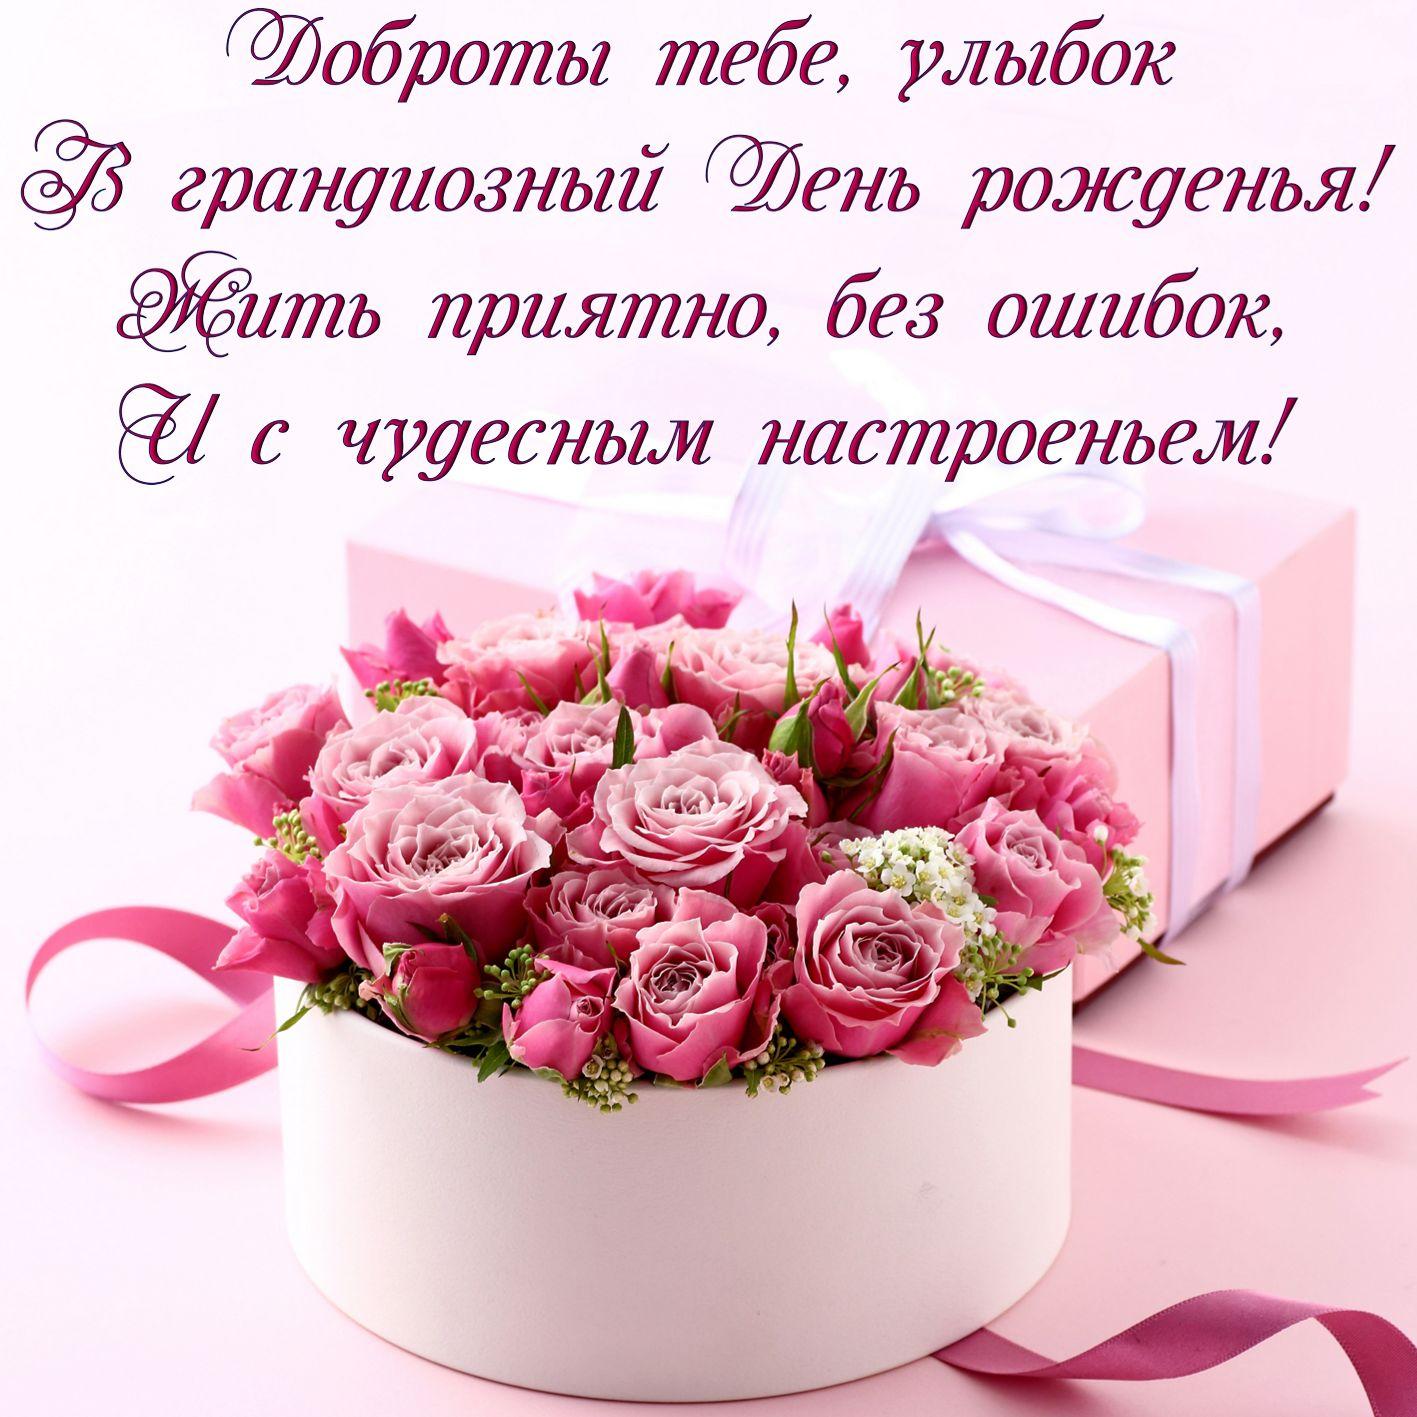 Букет роз в коробке и пожелание для женщины